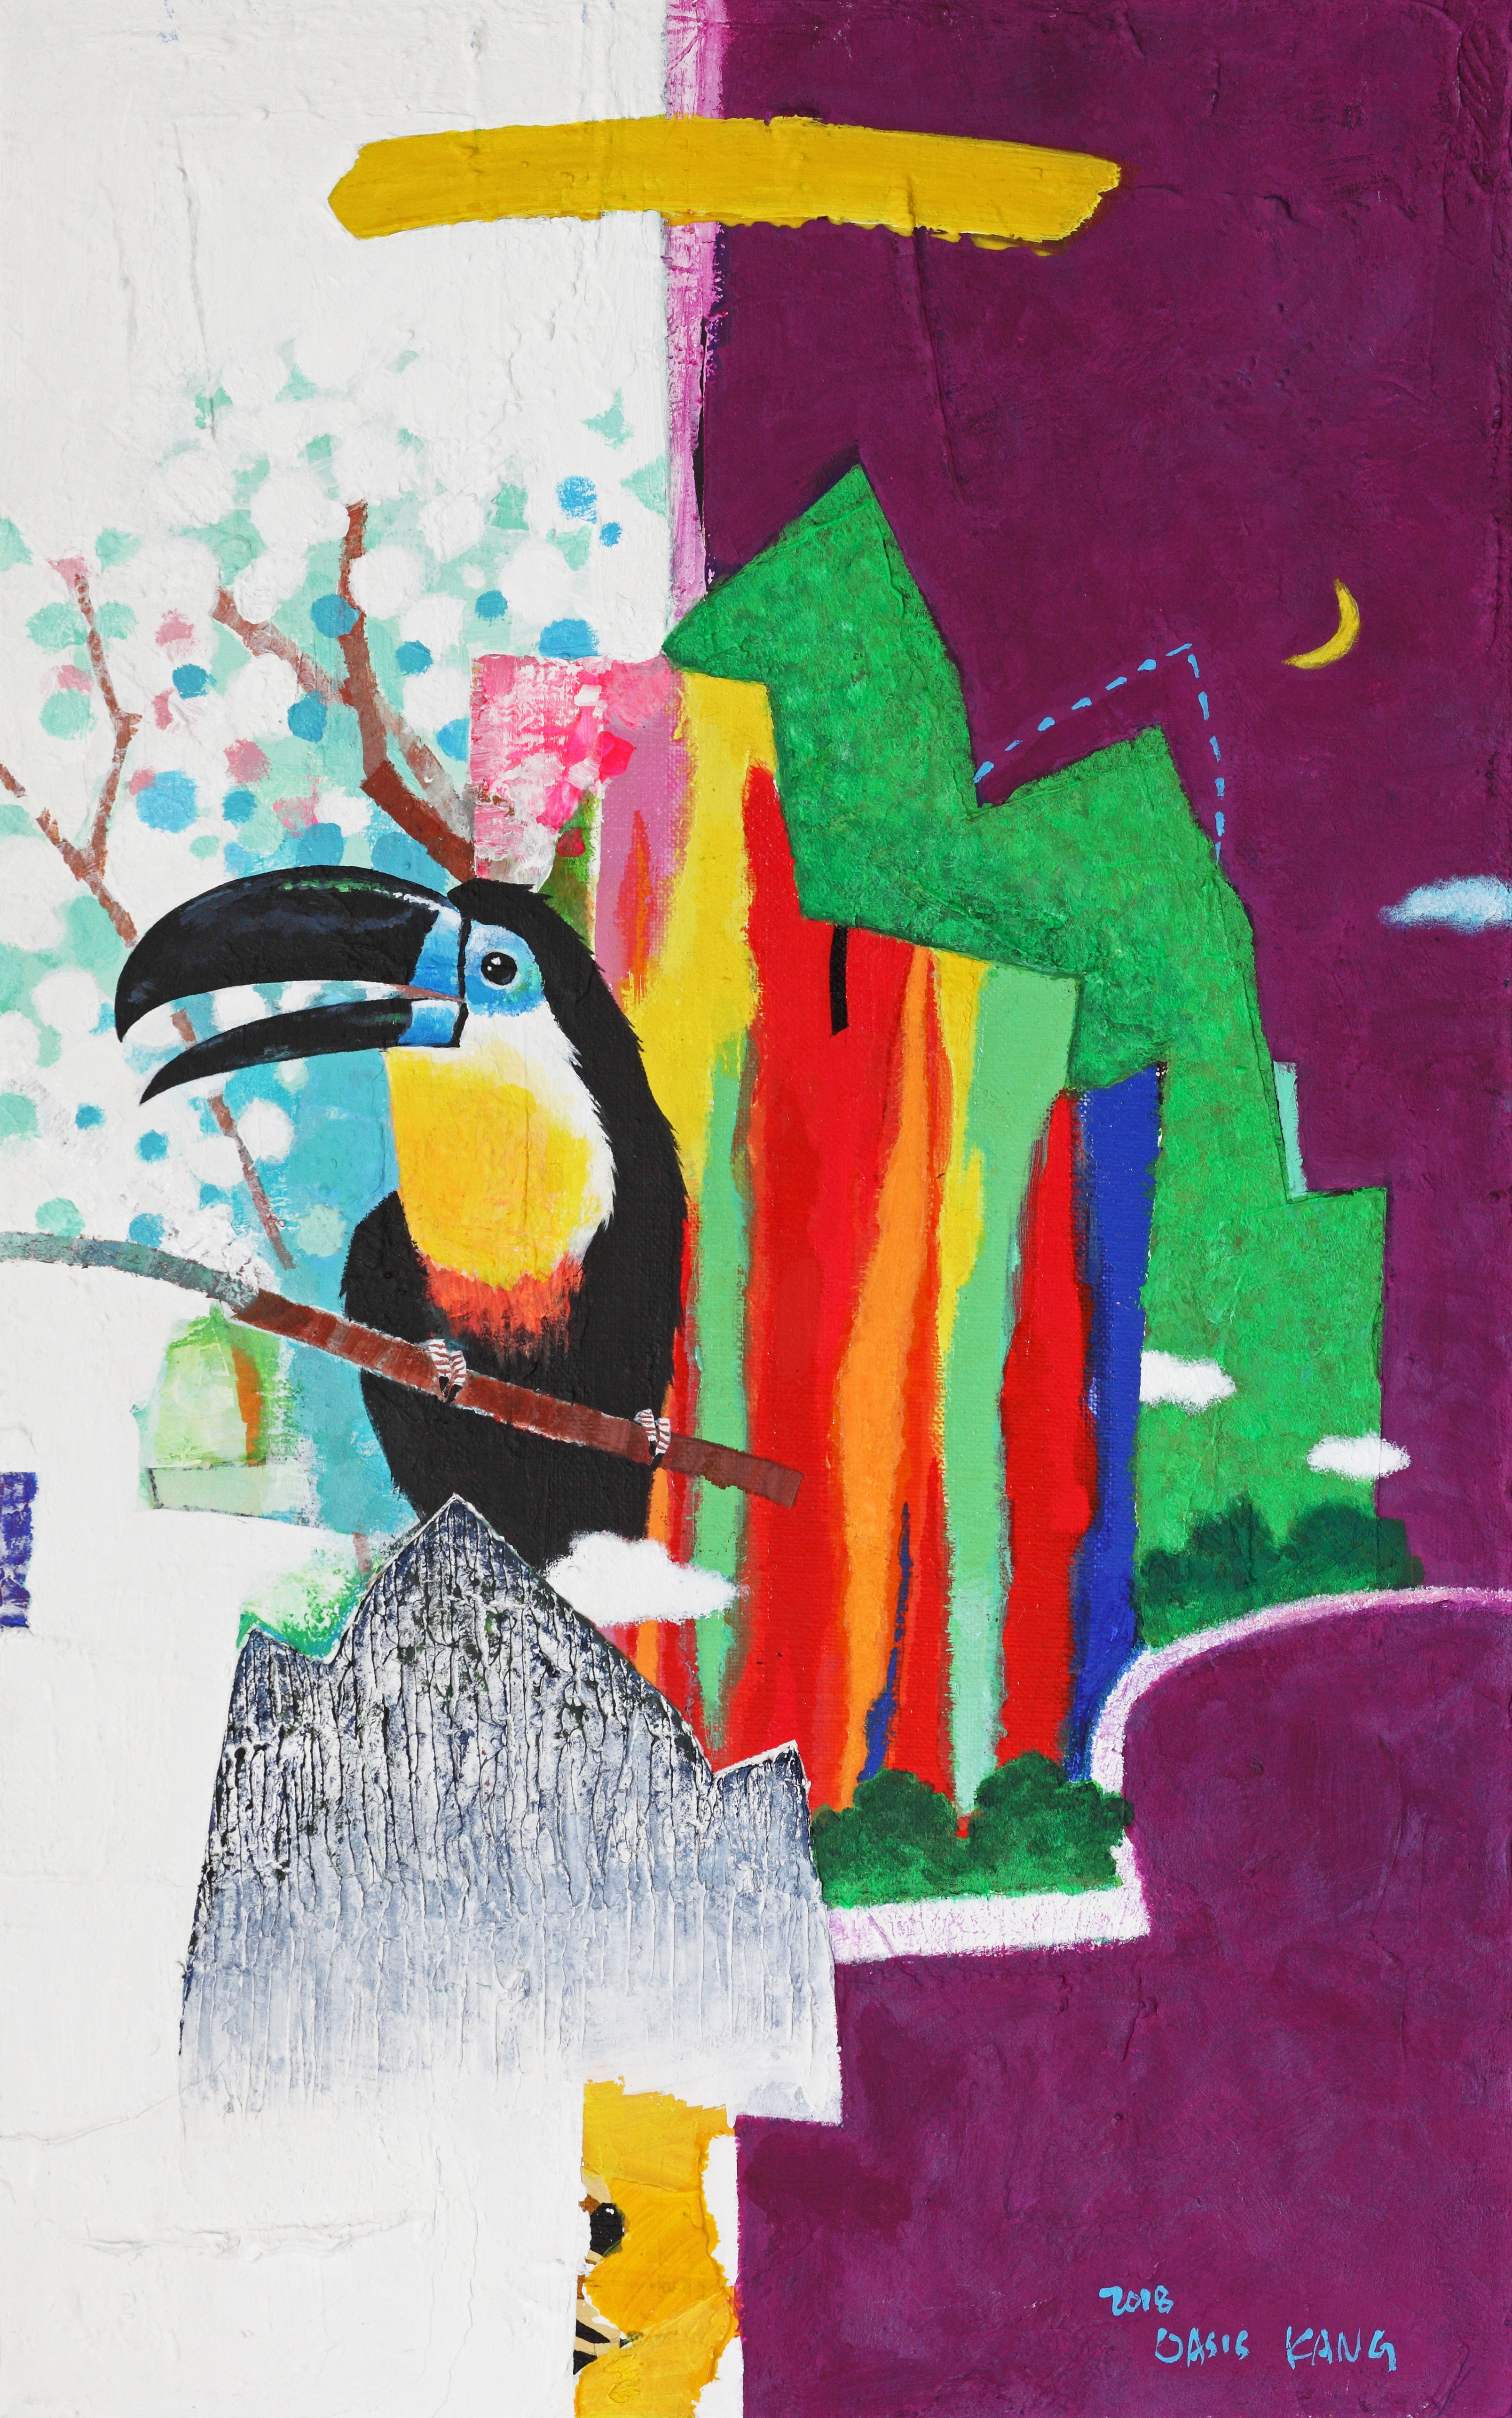 강라희 3 Oasis-The Way1 Life, 33x53cm, Mixe